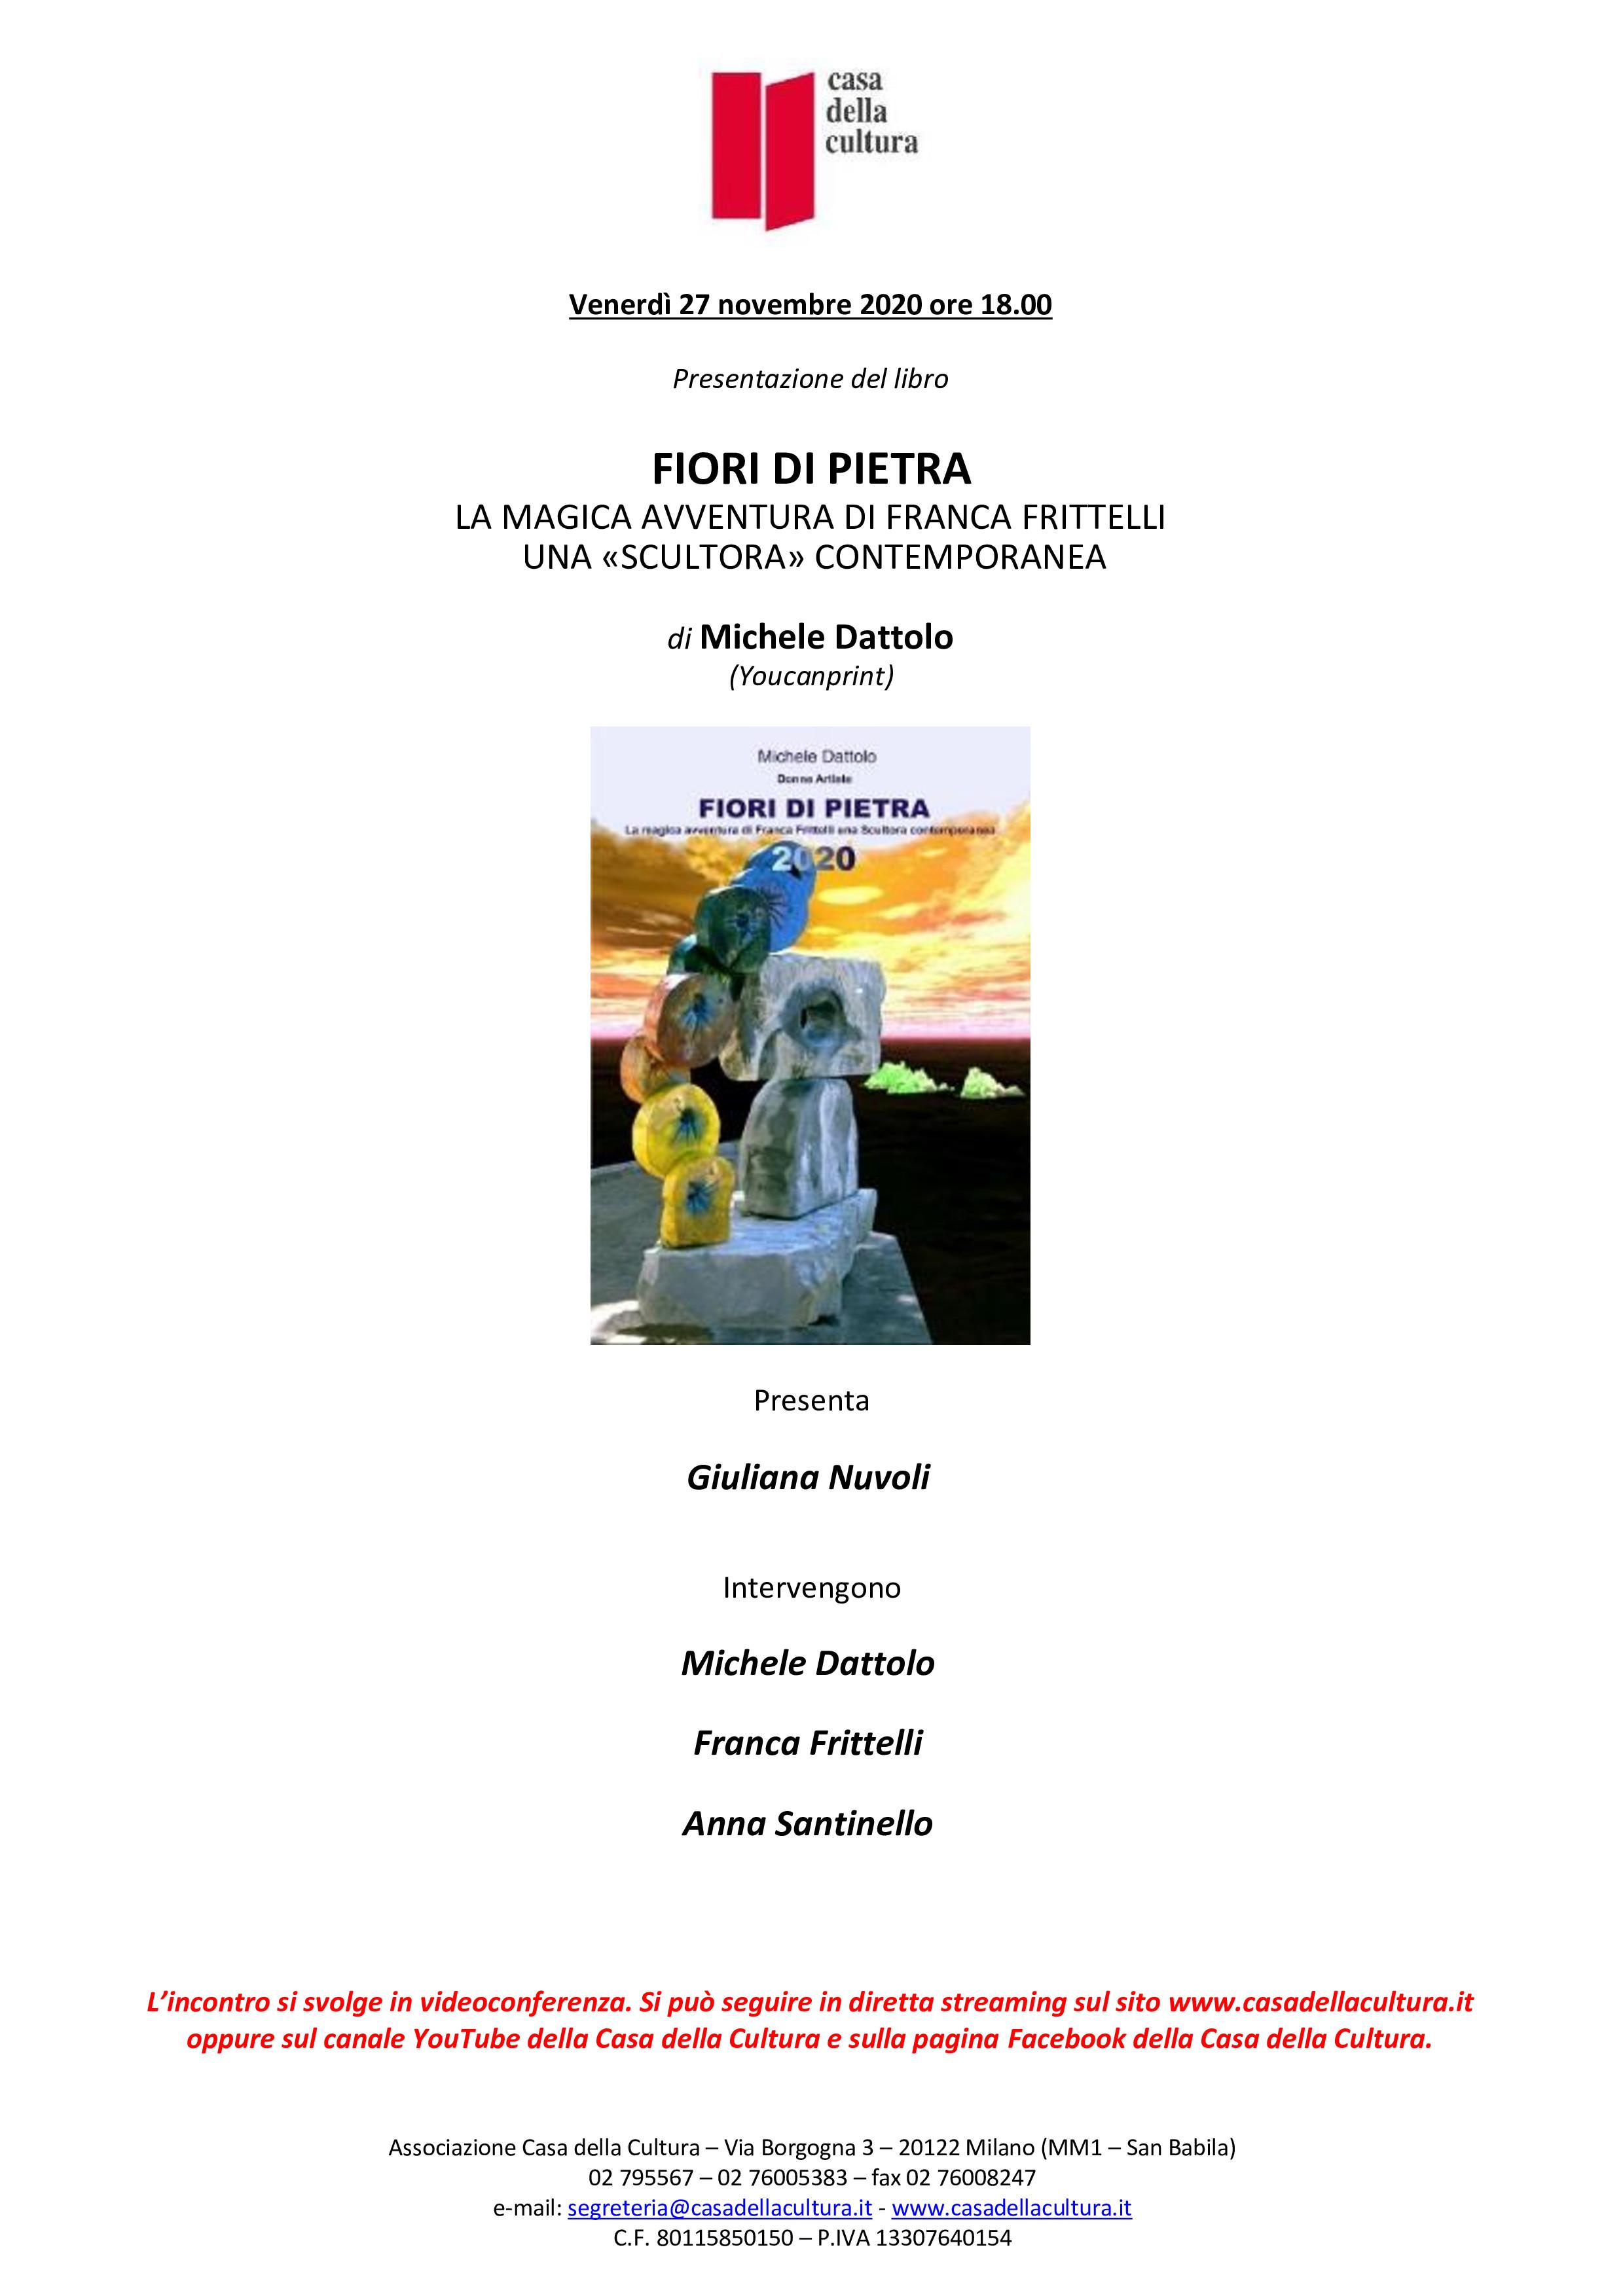 """Giuliana Nuvoli presenta """"Fiori di pietra. La magica avventura di Franca Frittelli, una 'scultora' contemporanea"""" di Michele Dattolo, con Michele Dattolo, Franca Frittelli, Anna Santinello, Casa della Cultura, 27 Novembre 2020. https://www.youtube.com/watch?v=Pcwbv8nrmF0&t=340s"""